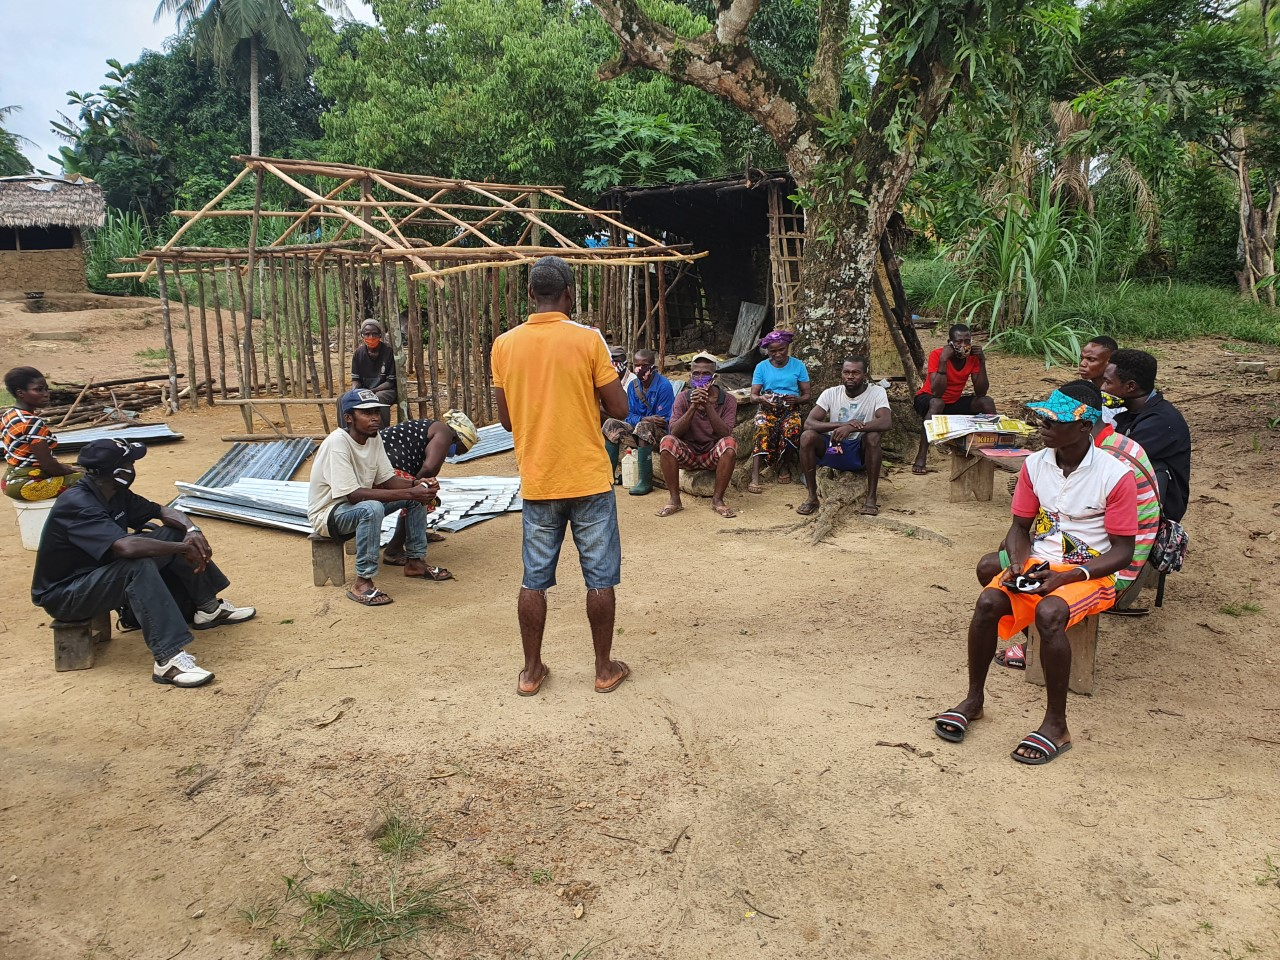 VPersonnel de SESDev en pleine campagne de sensibilisation auprès des communautés pendant le confinement dû à la COVID-19 dans le comté de Grand Kru, au Liberia. Photo : SESDev